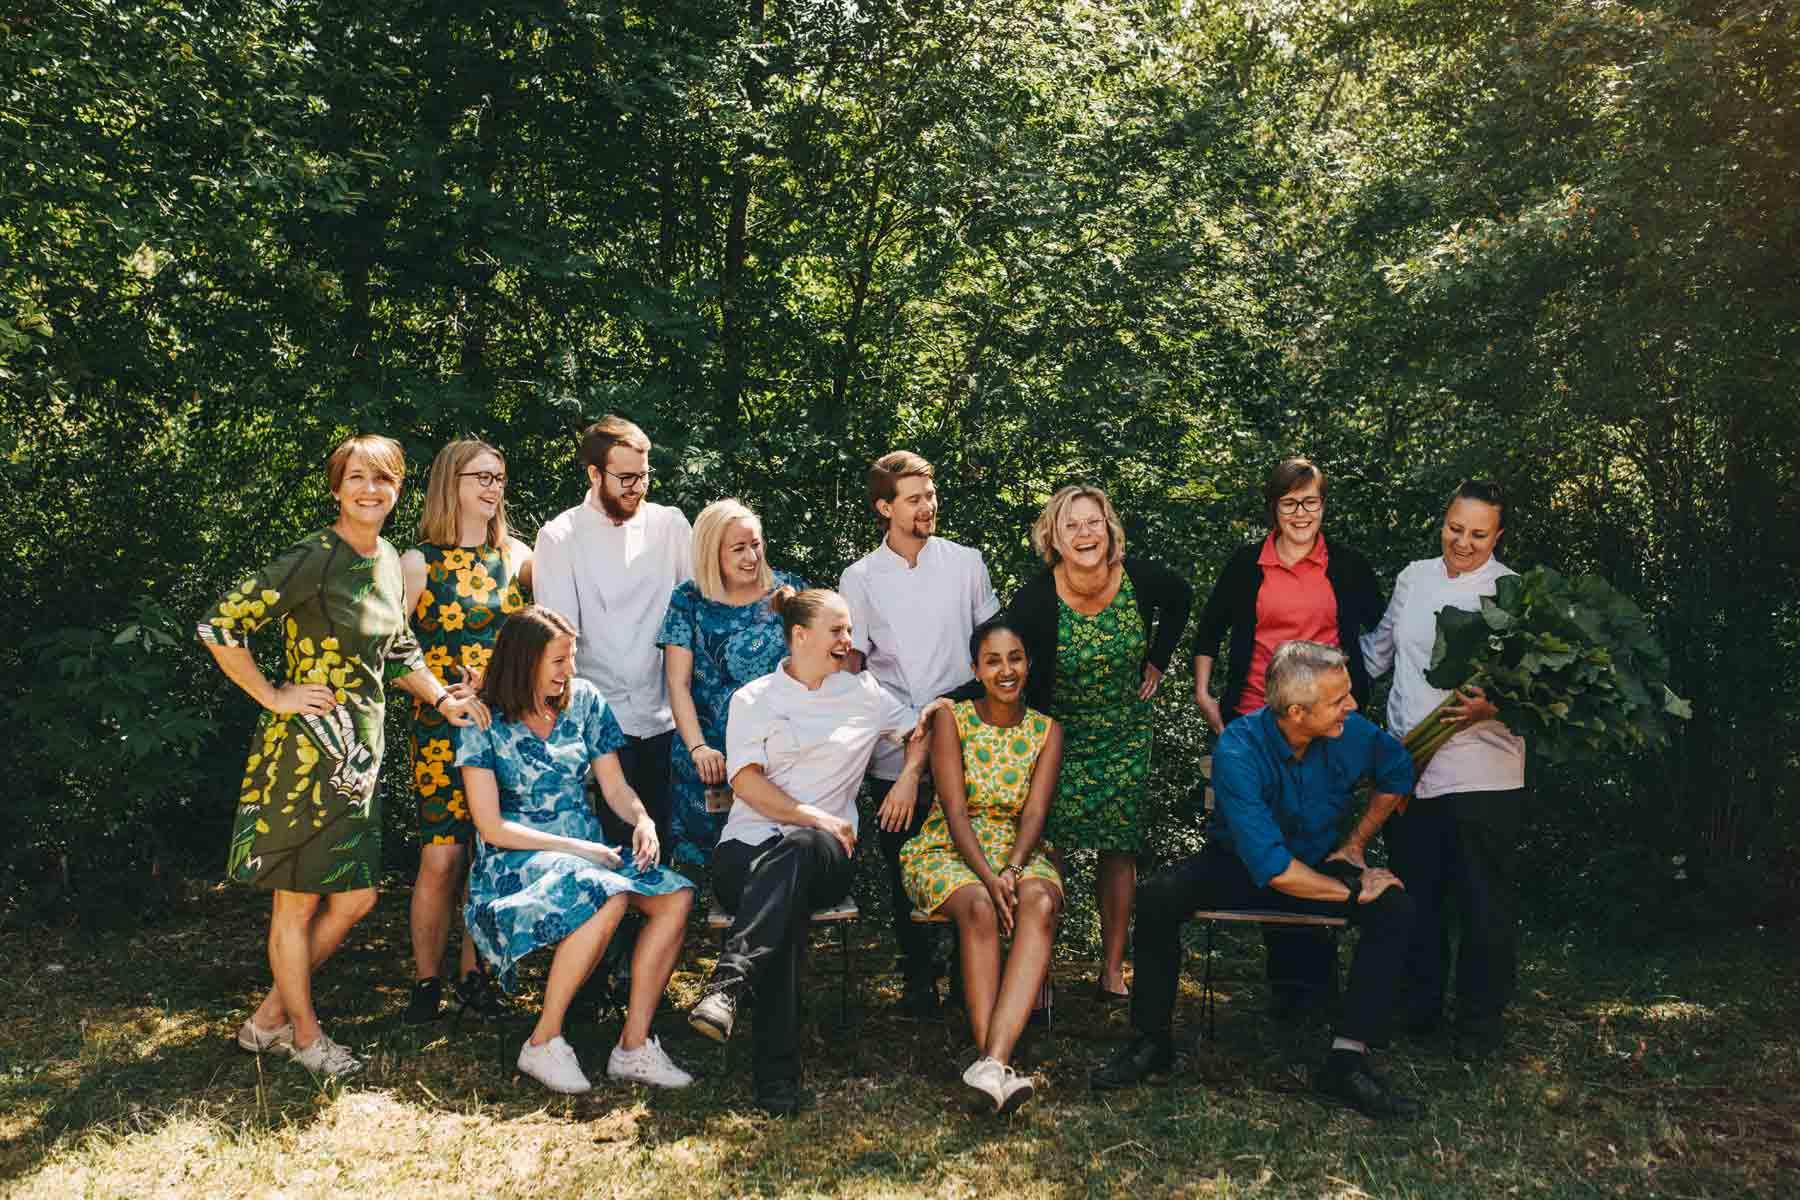 Sigtuna Summer Uniforms Sigtunahöjden staff